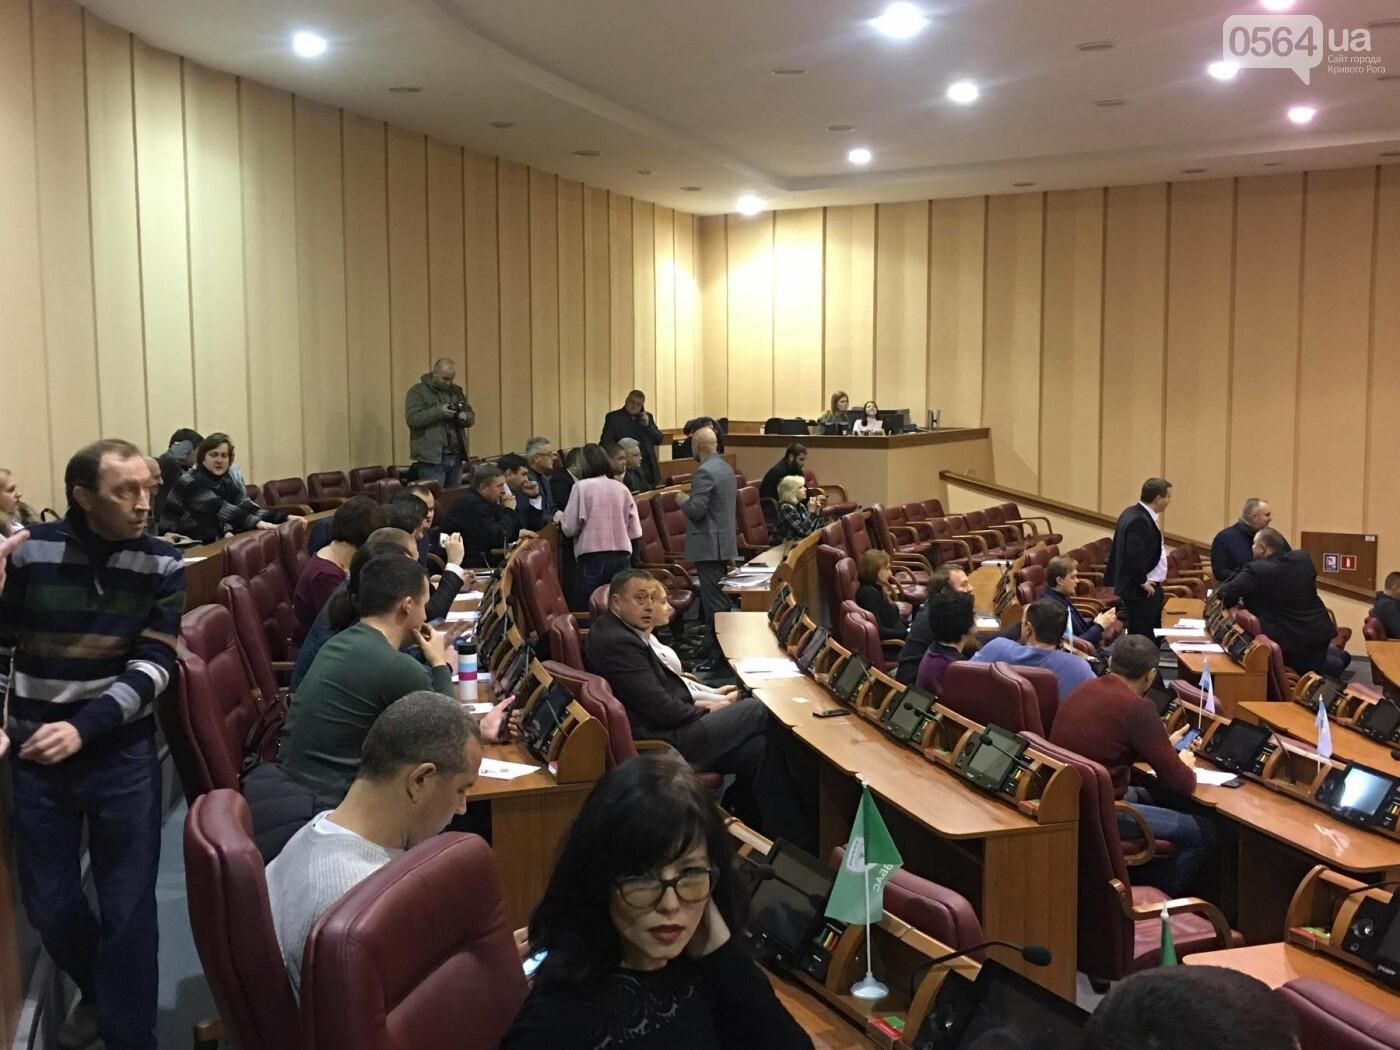 Одноминутная сессия: большинство депутатов криворожского горсовета не пришли, - ФОТО, ВИДЕО, фото-7